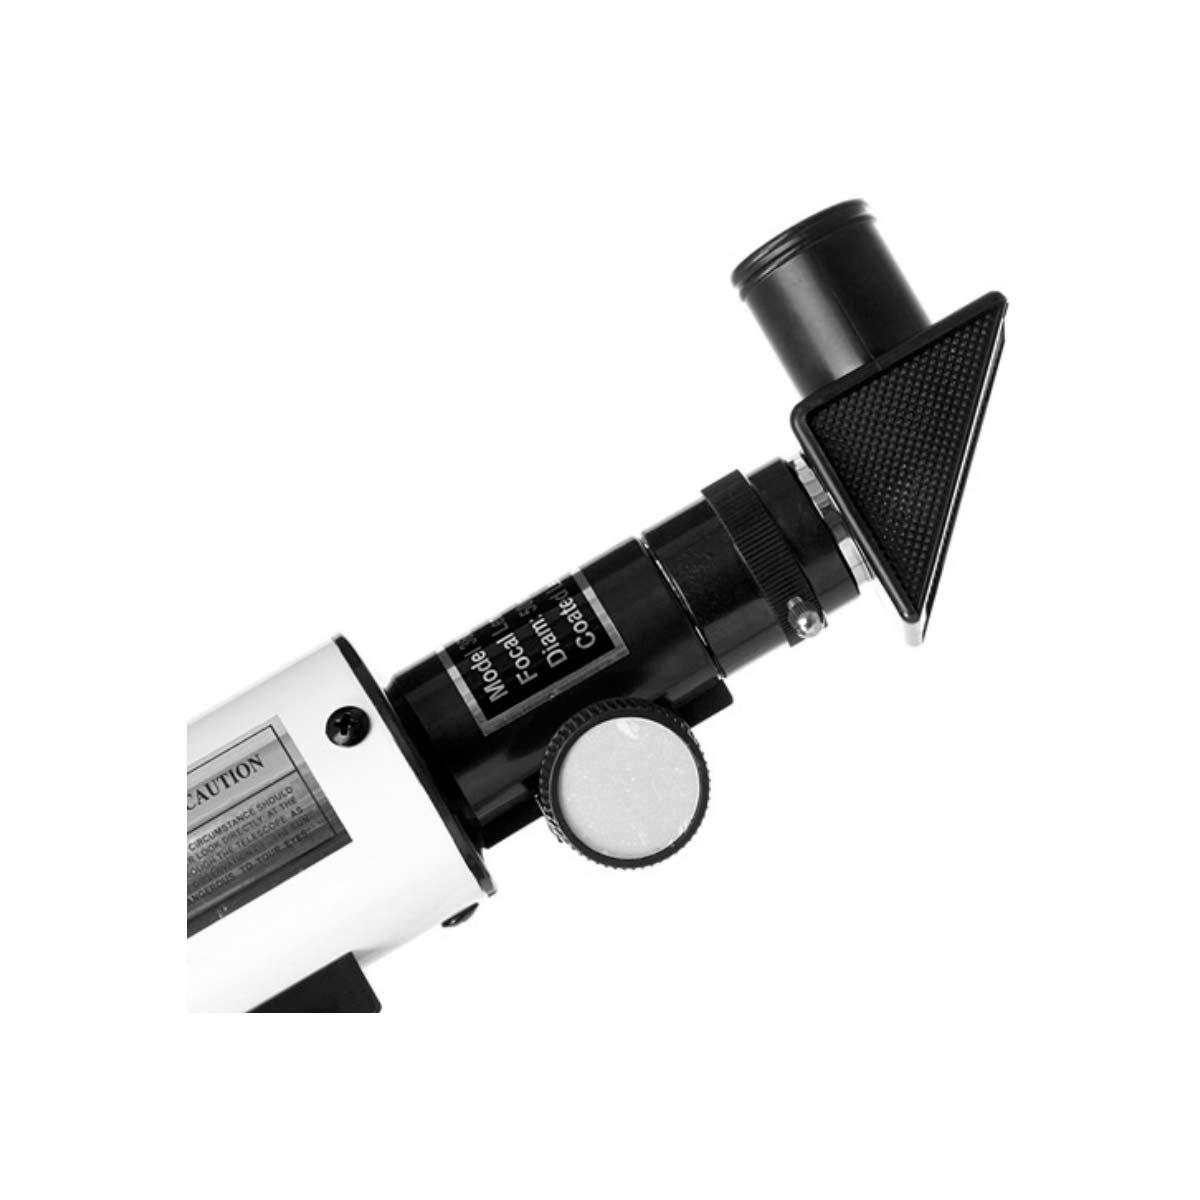 F36050M - Telesc�pio 50mm c/ Trip� F360 50M - CSR